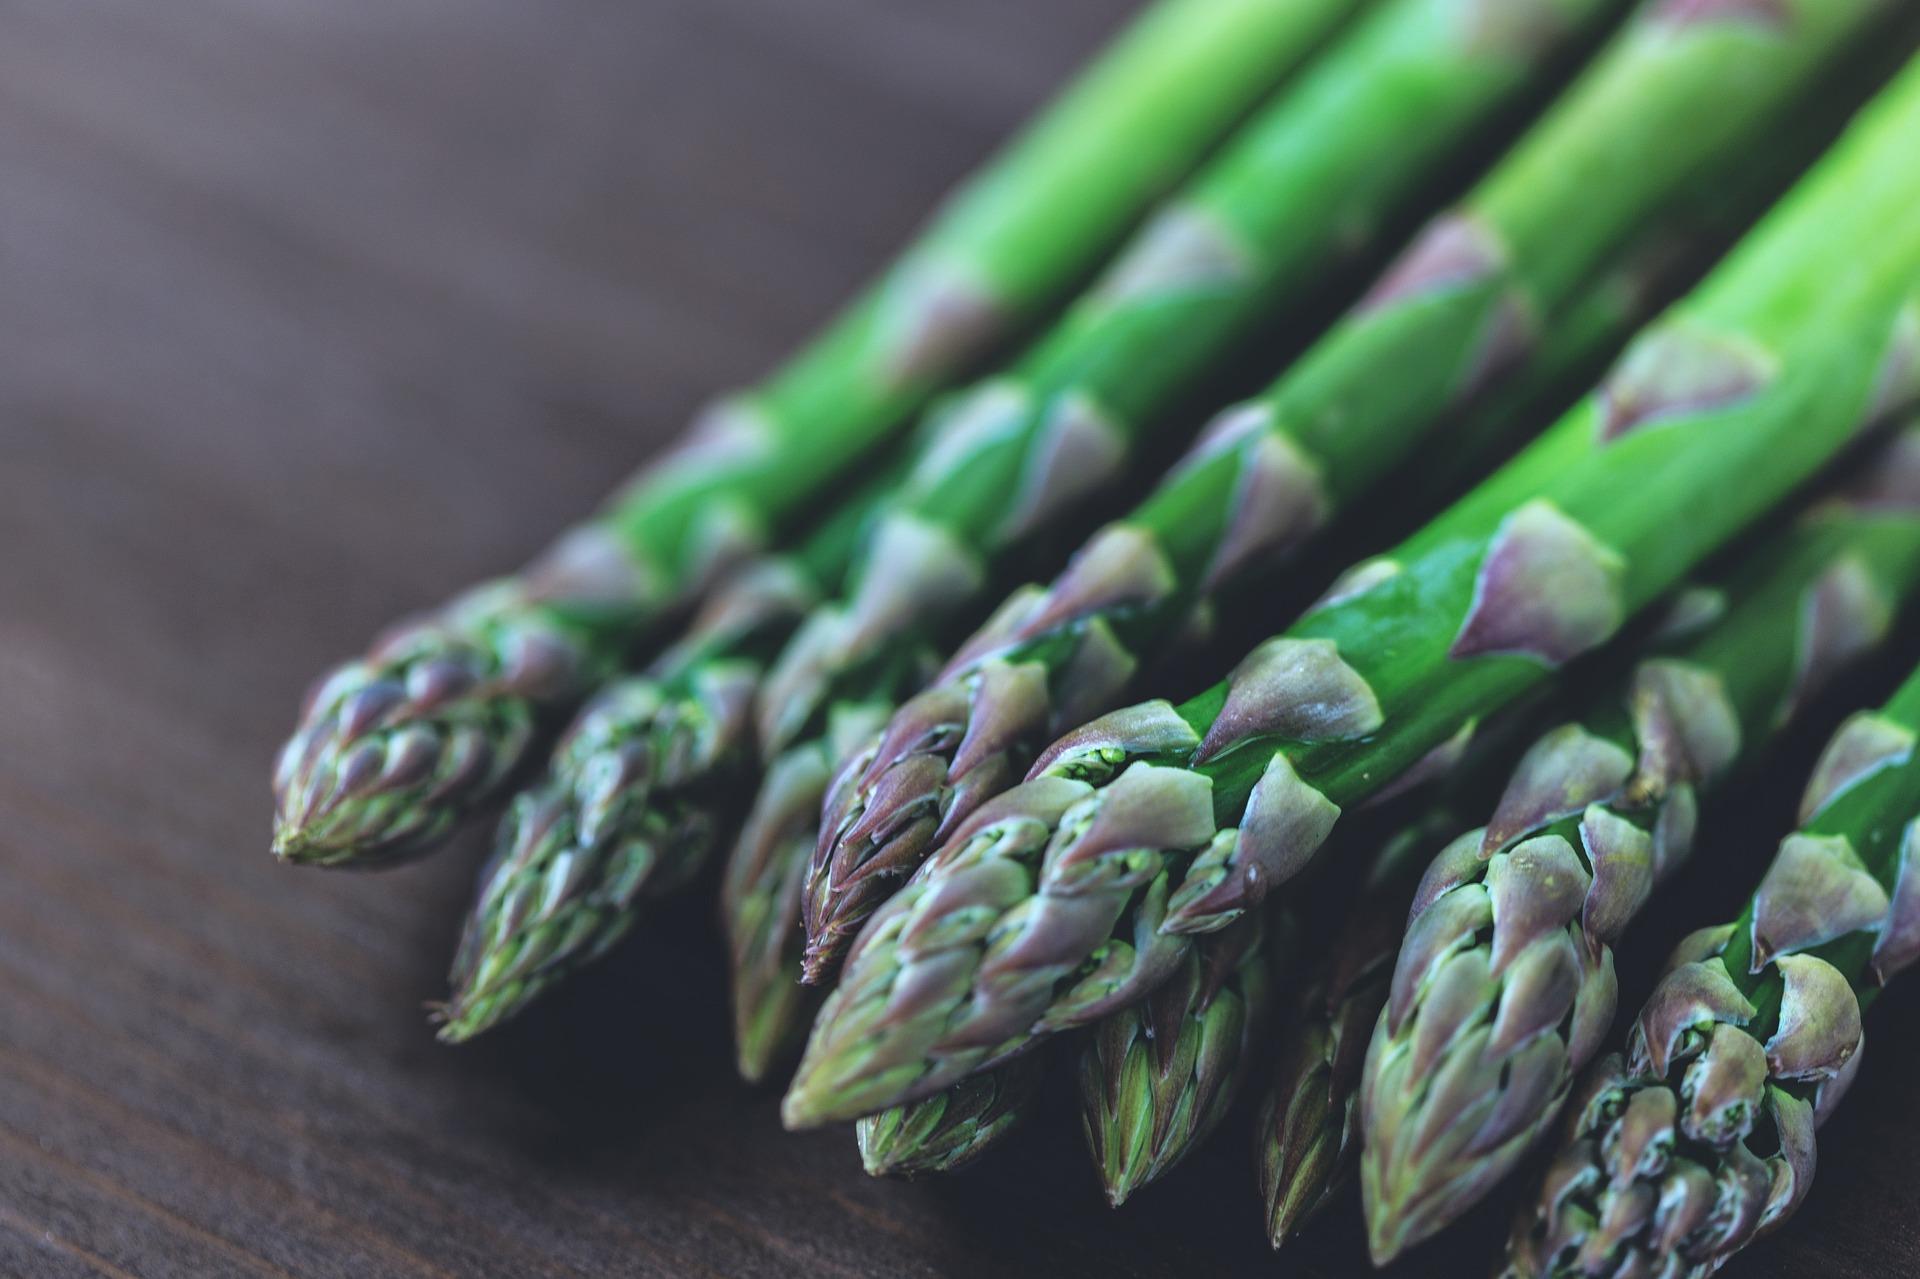 Pile of fresh asparagus spears